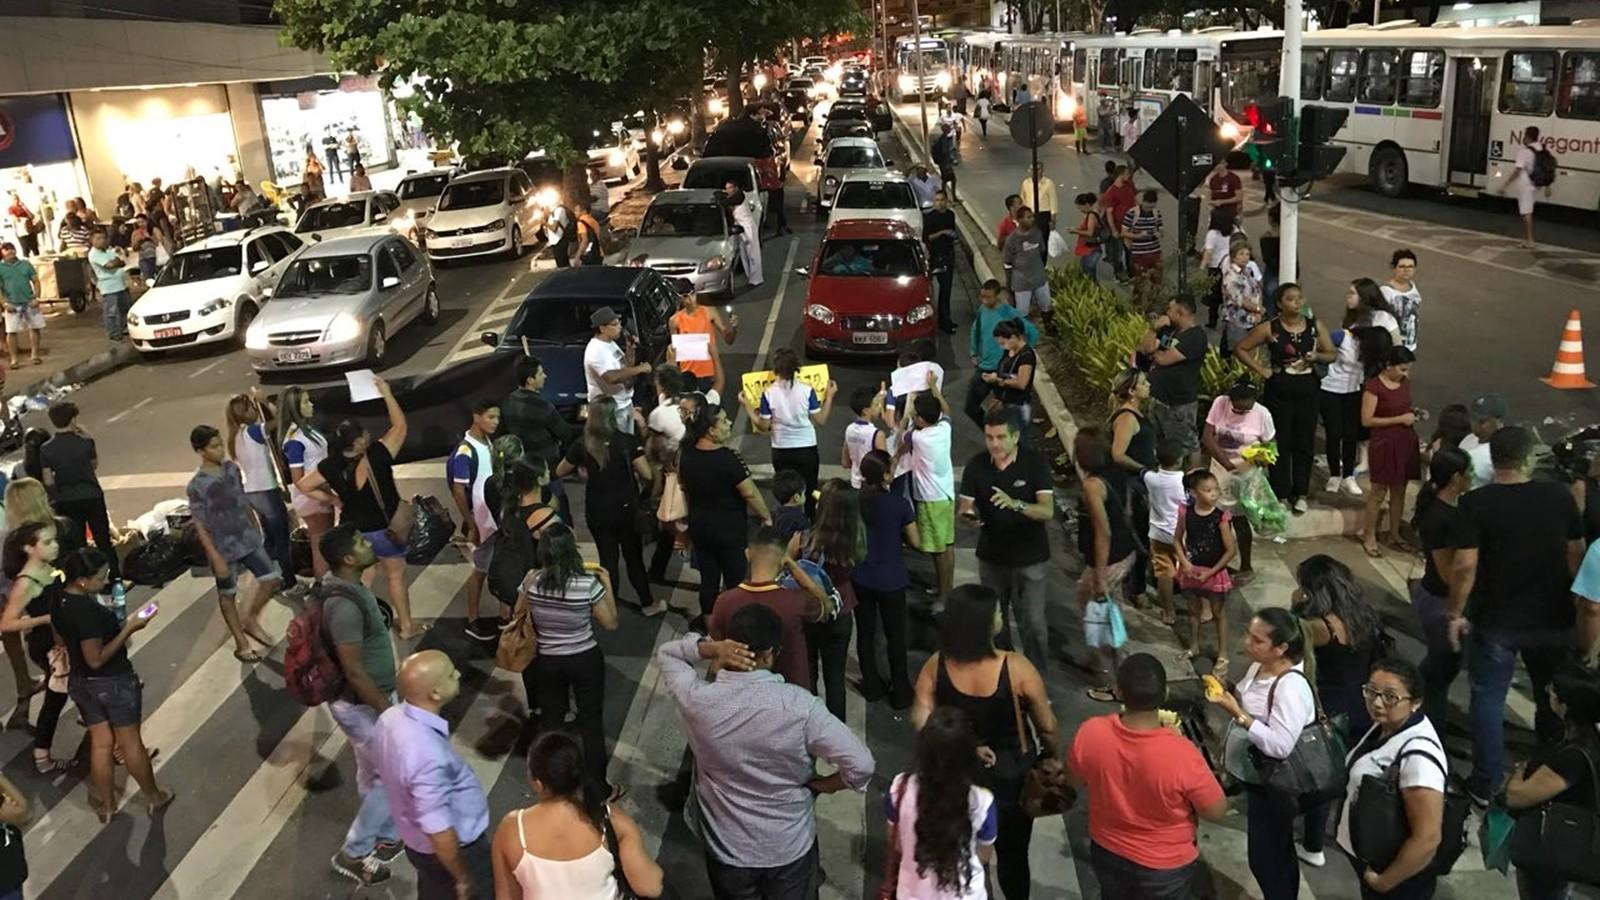 Grupo interdita via em protesto contra reajuste de 500% em escola de João Pessoa